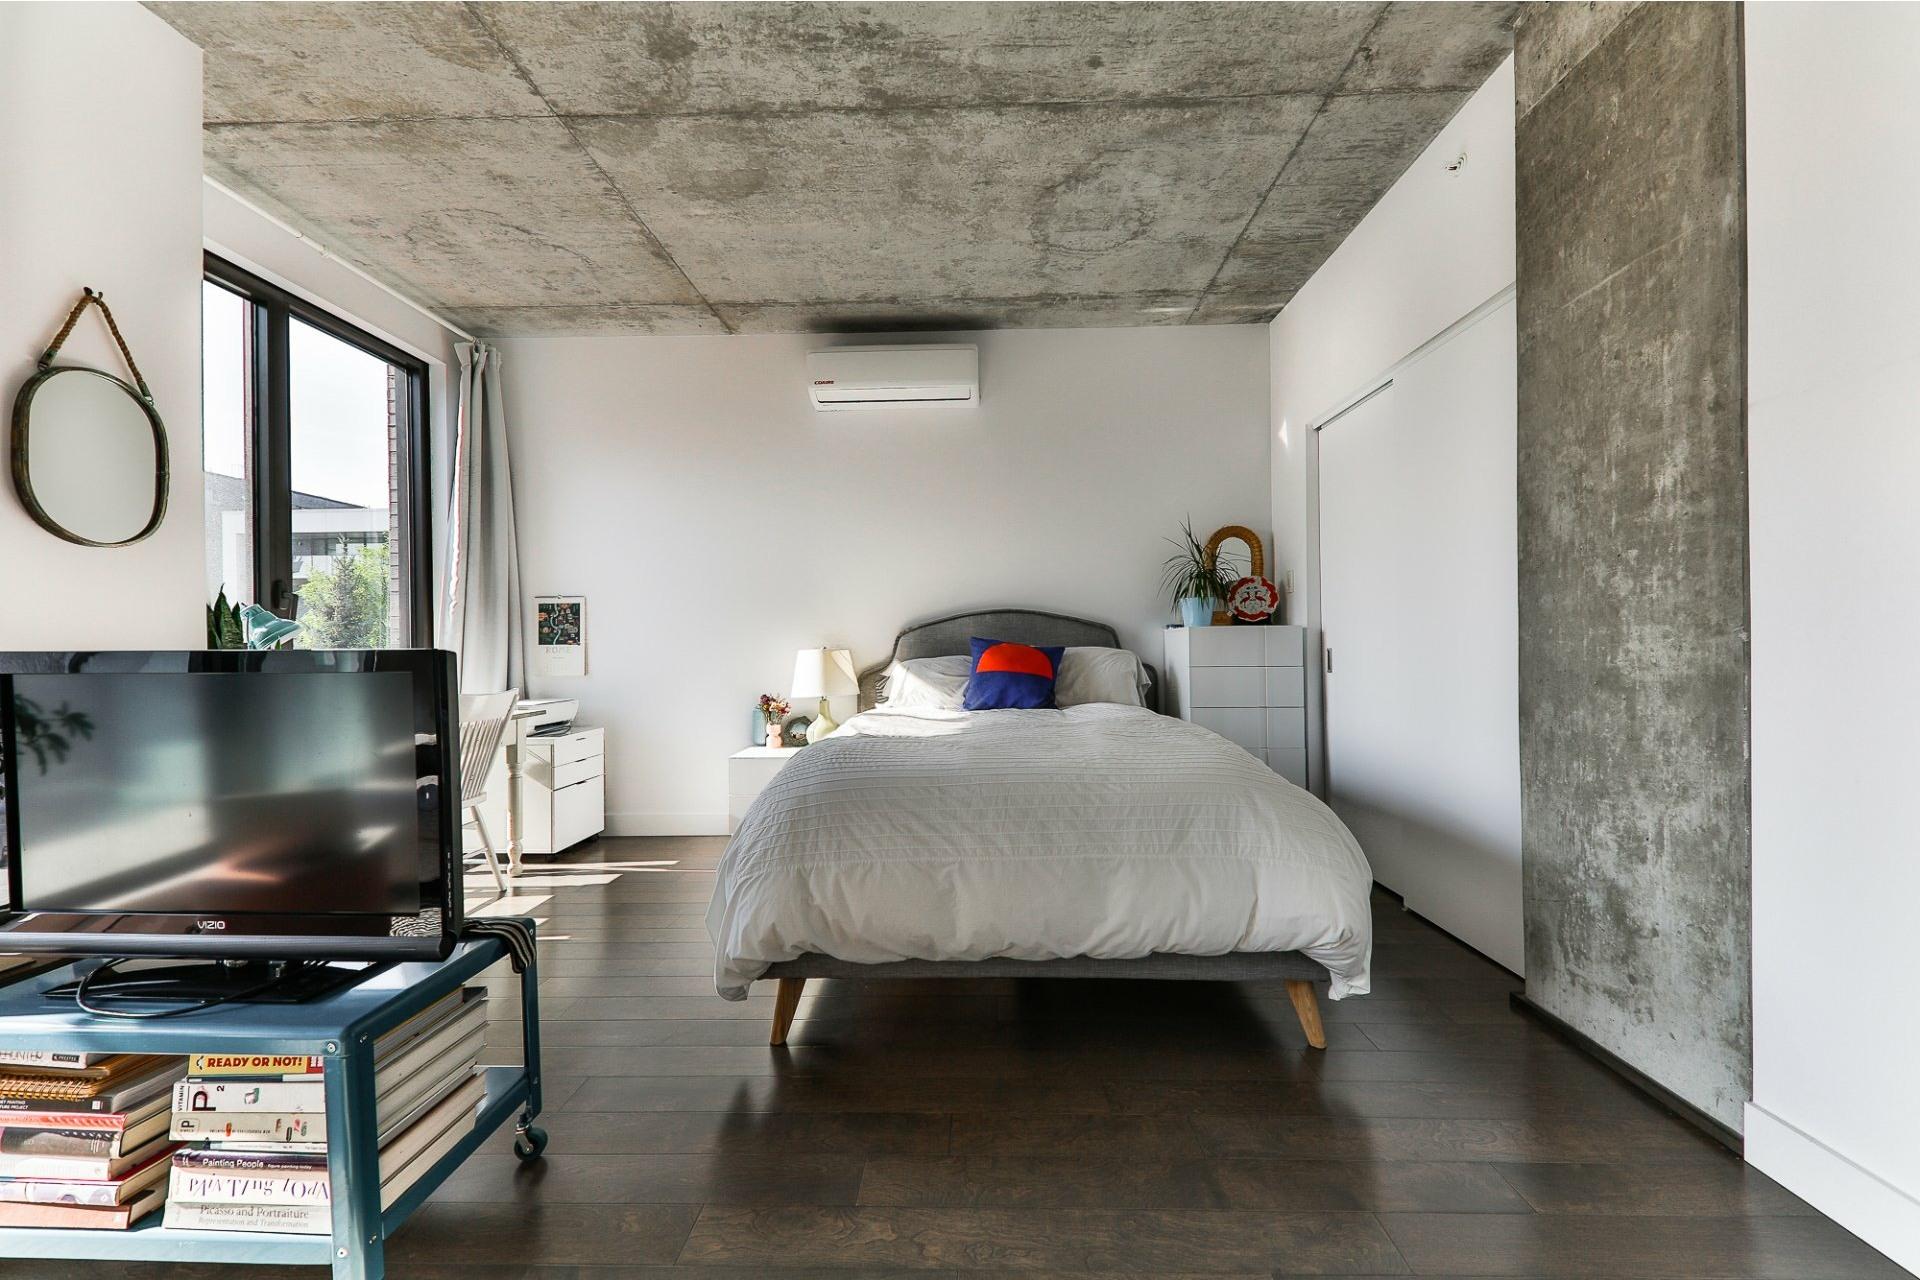 image 3 - Appartement À vendre Villeray/Saint-Michel/Parc-Extension Montréal  - 4 pièces